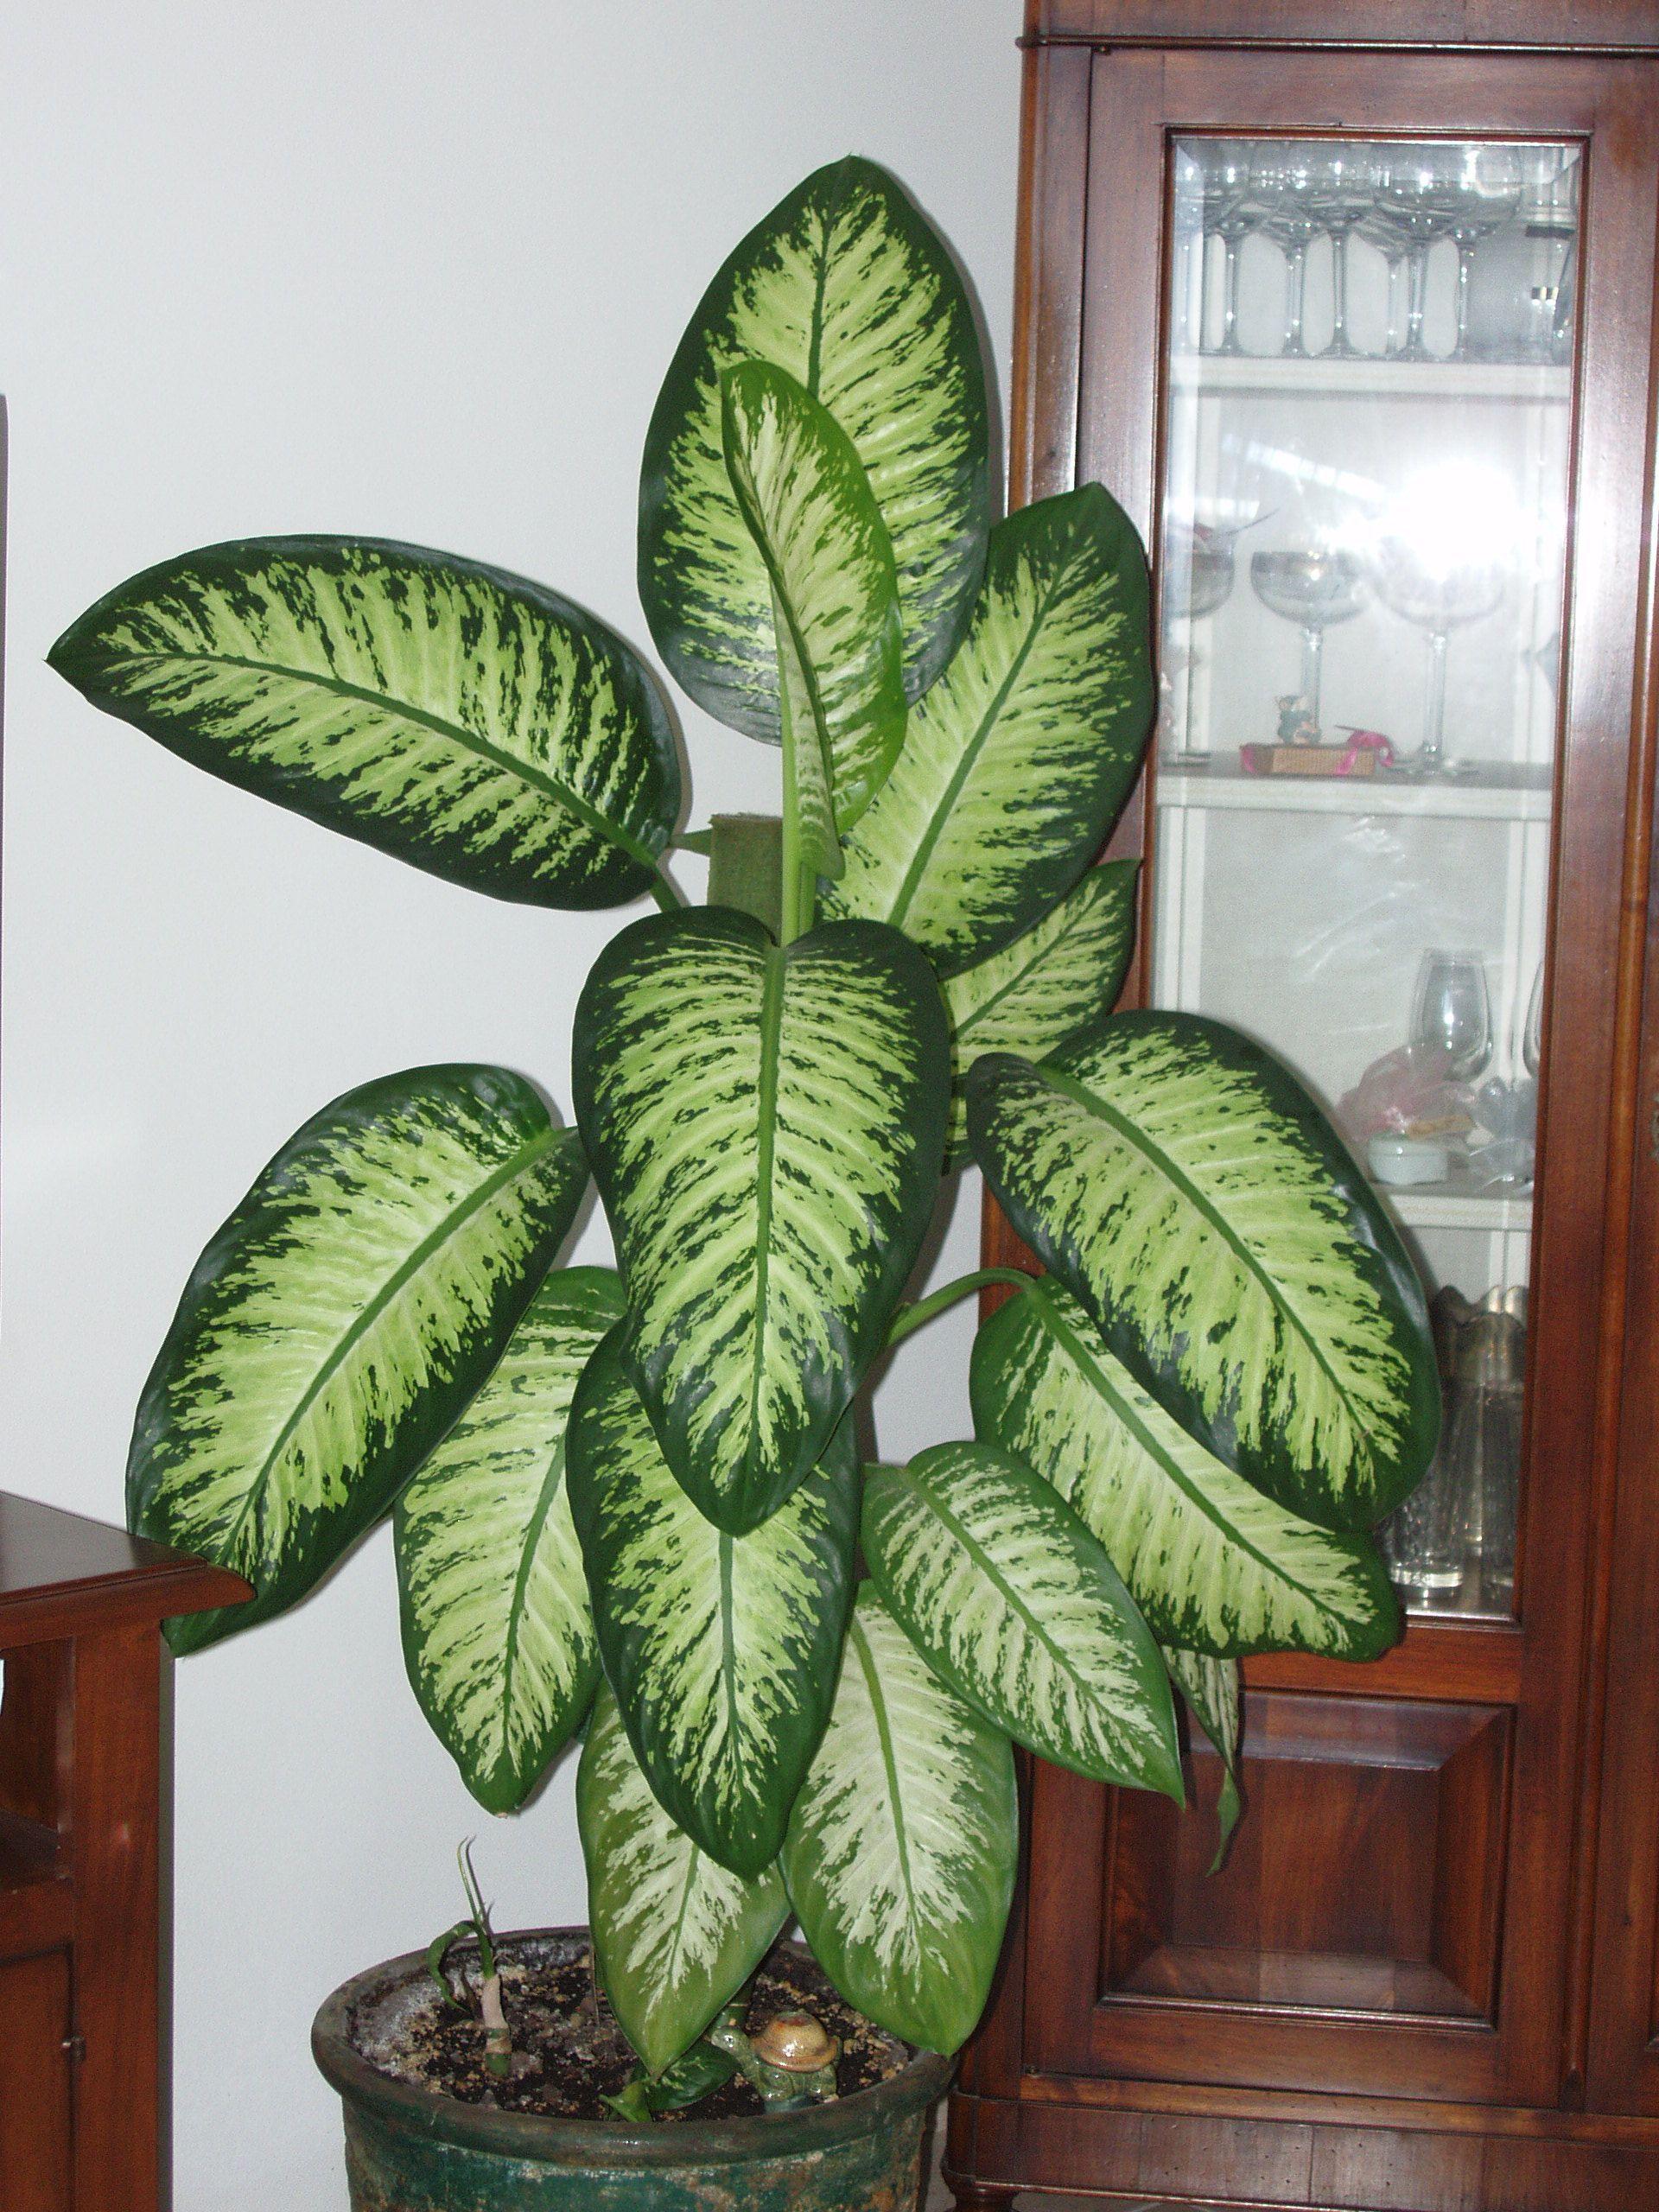 14 Houseplants That Thrive In Low Light | Indoor plants ...